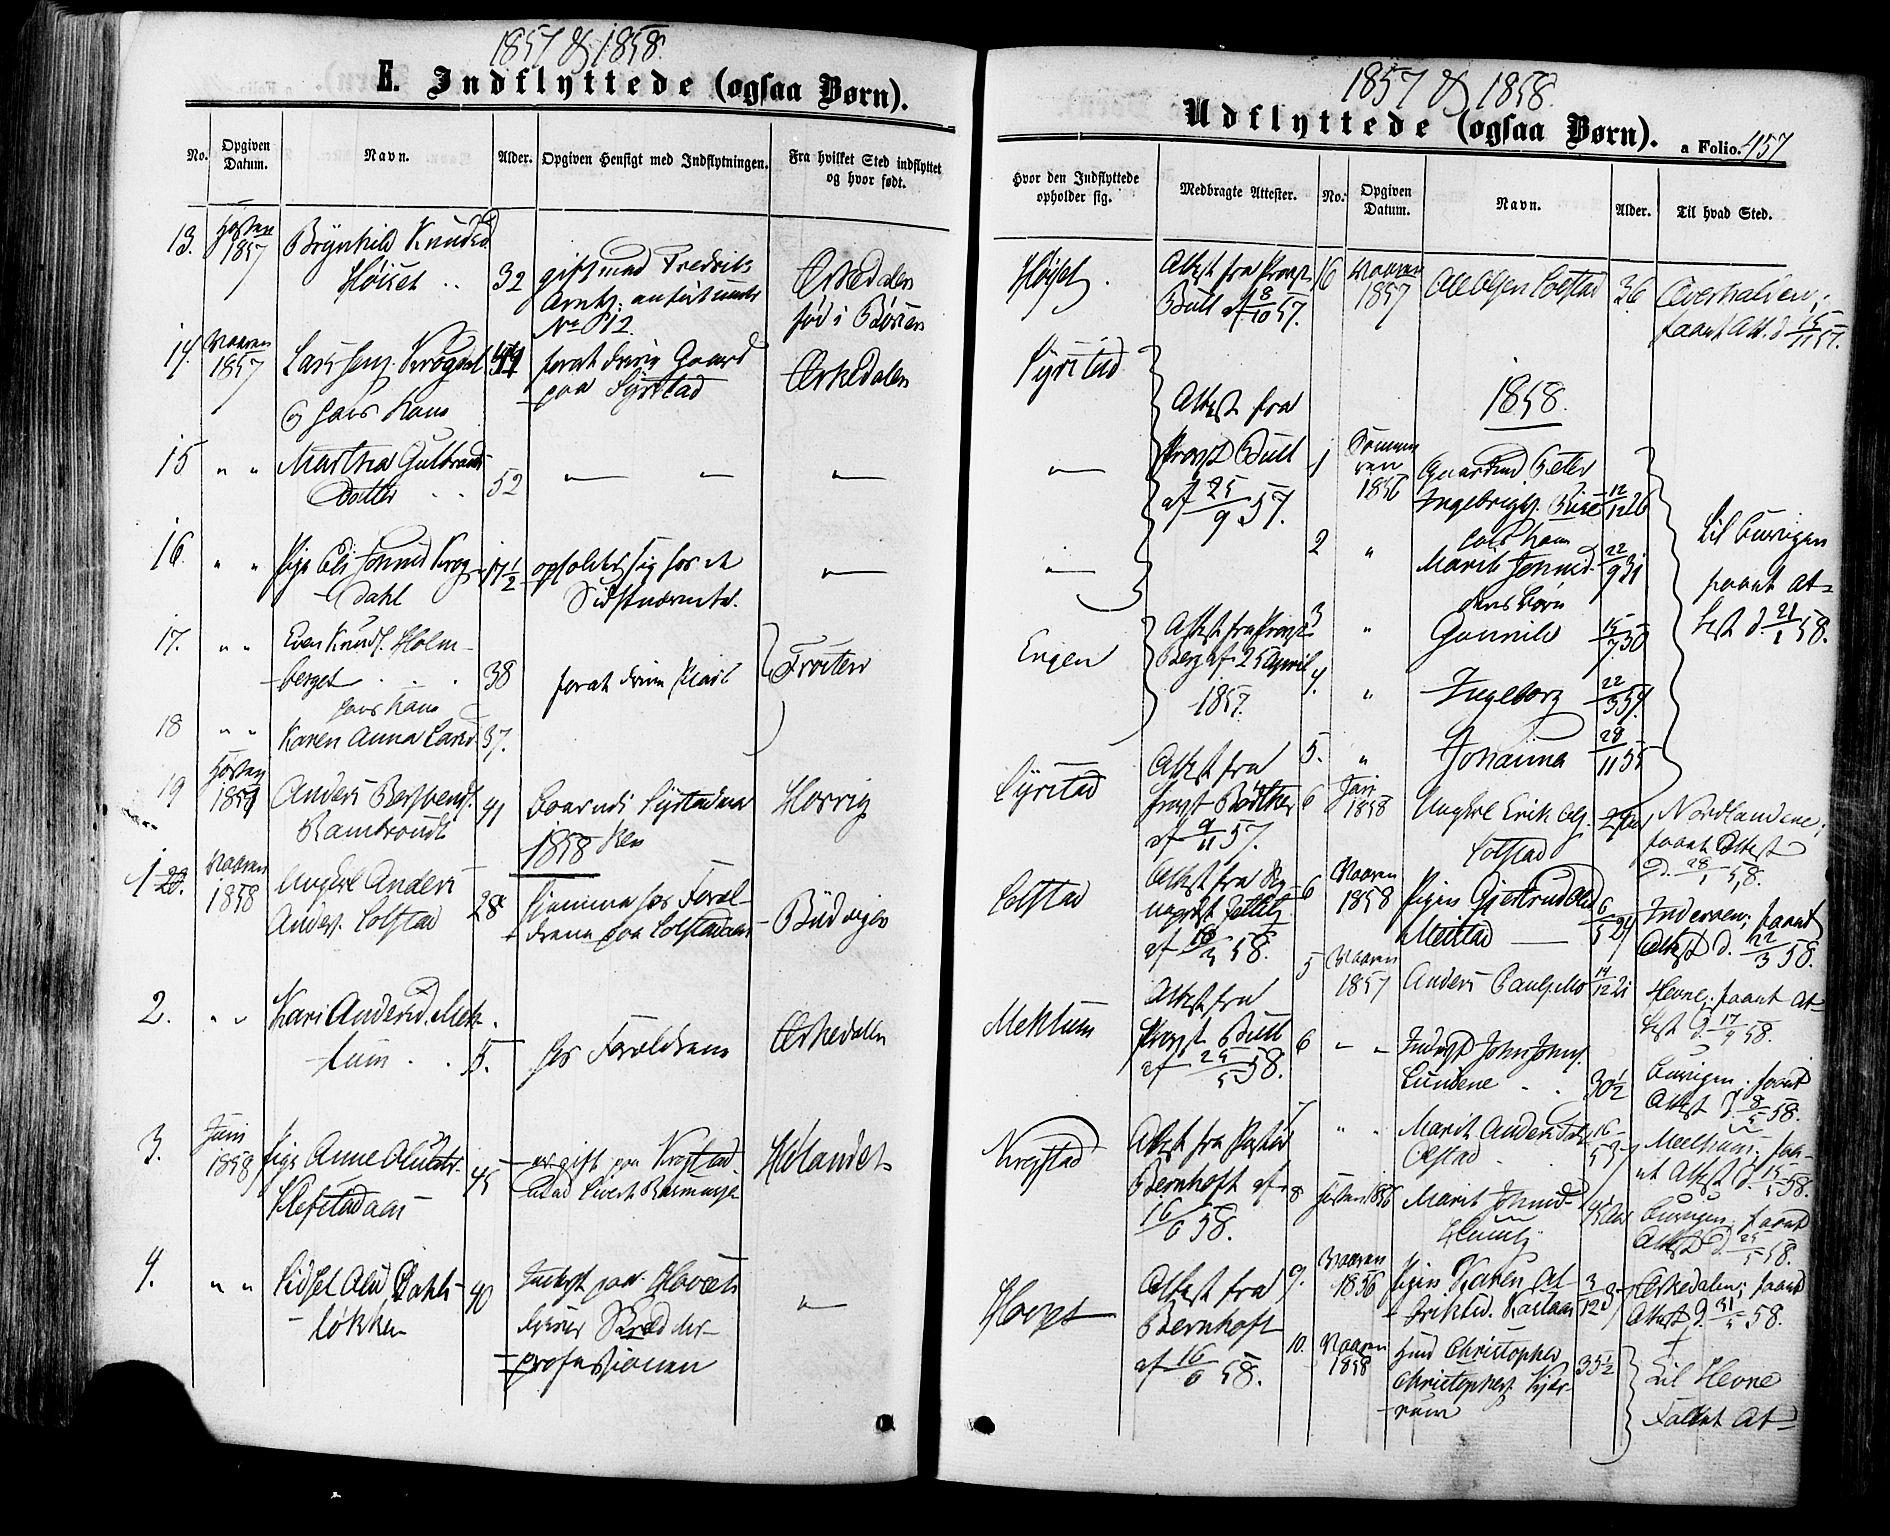 SAT, Ministerialprotokoller, klokkerbøker og fødselsregistre - Sør-Trøndelag, 665/L0772: Ministerialbok nr. 665A07, 1856-1878, s. 457